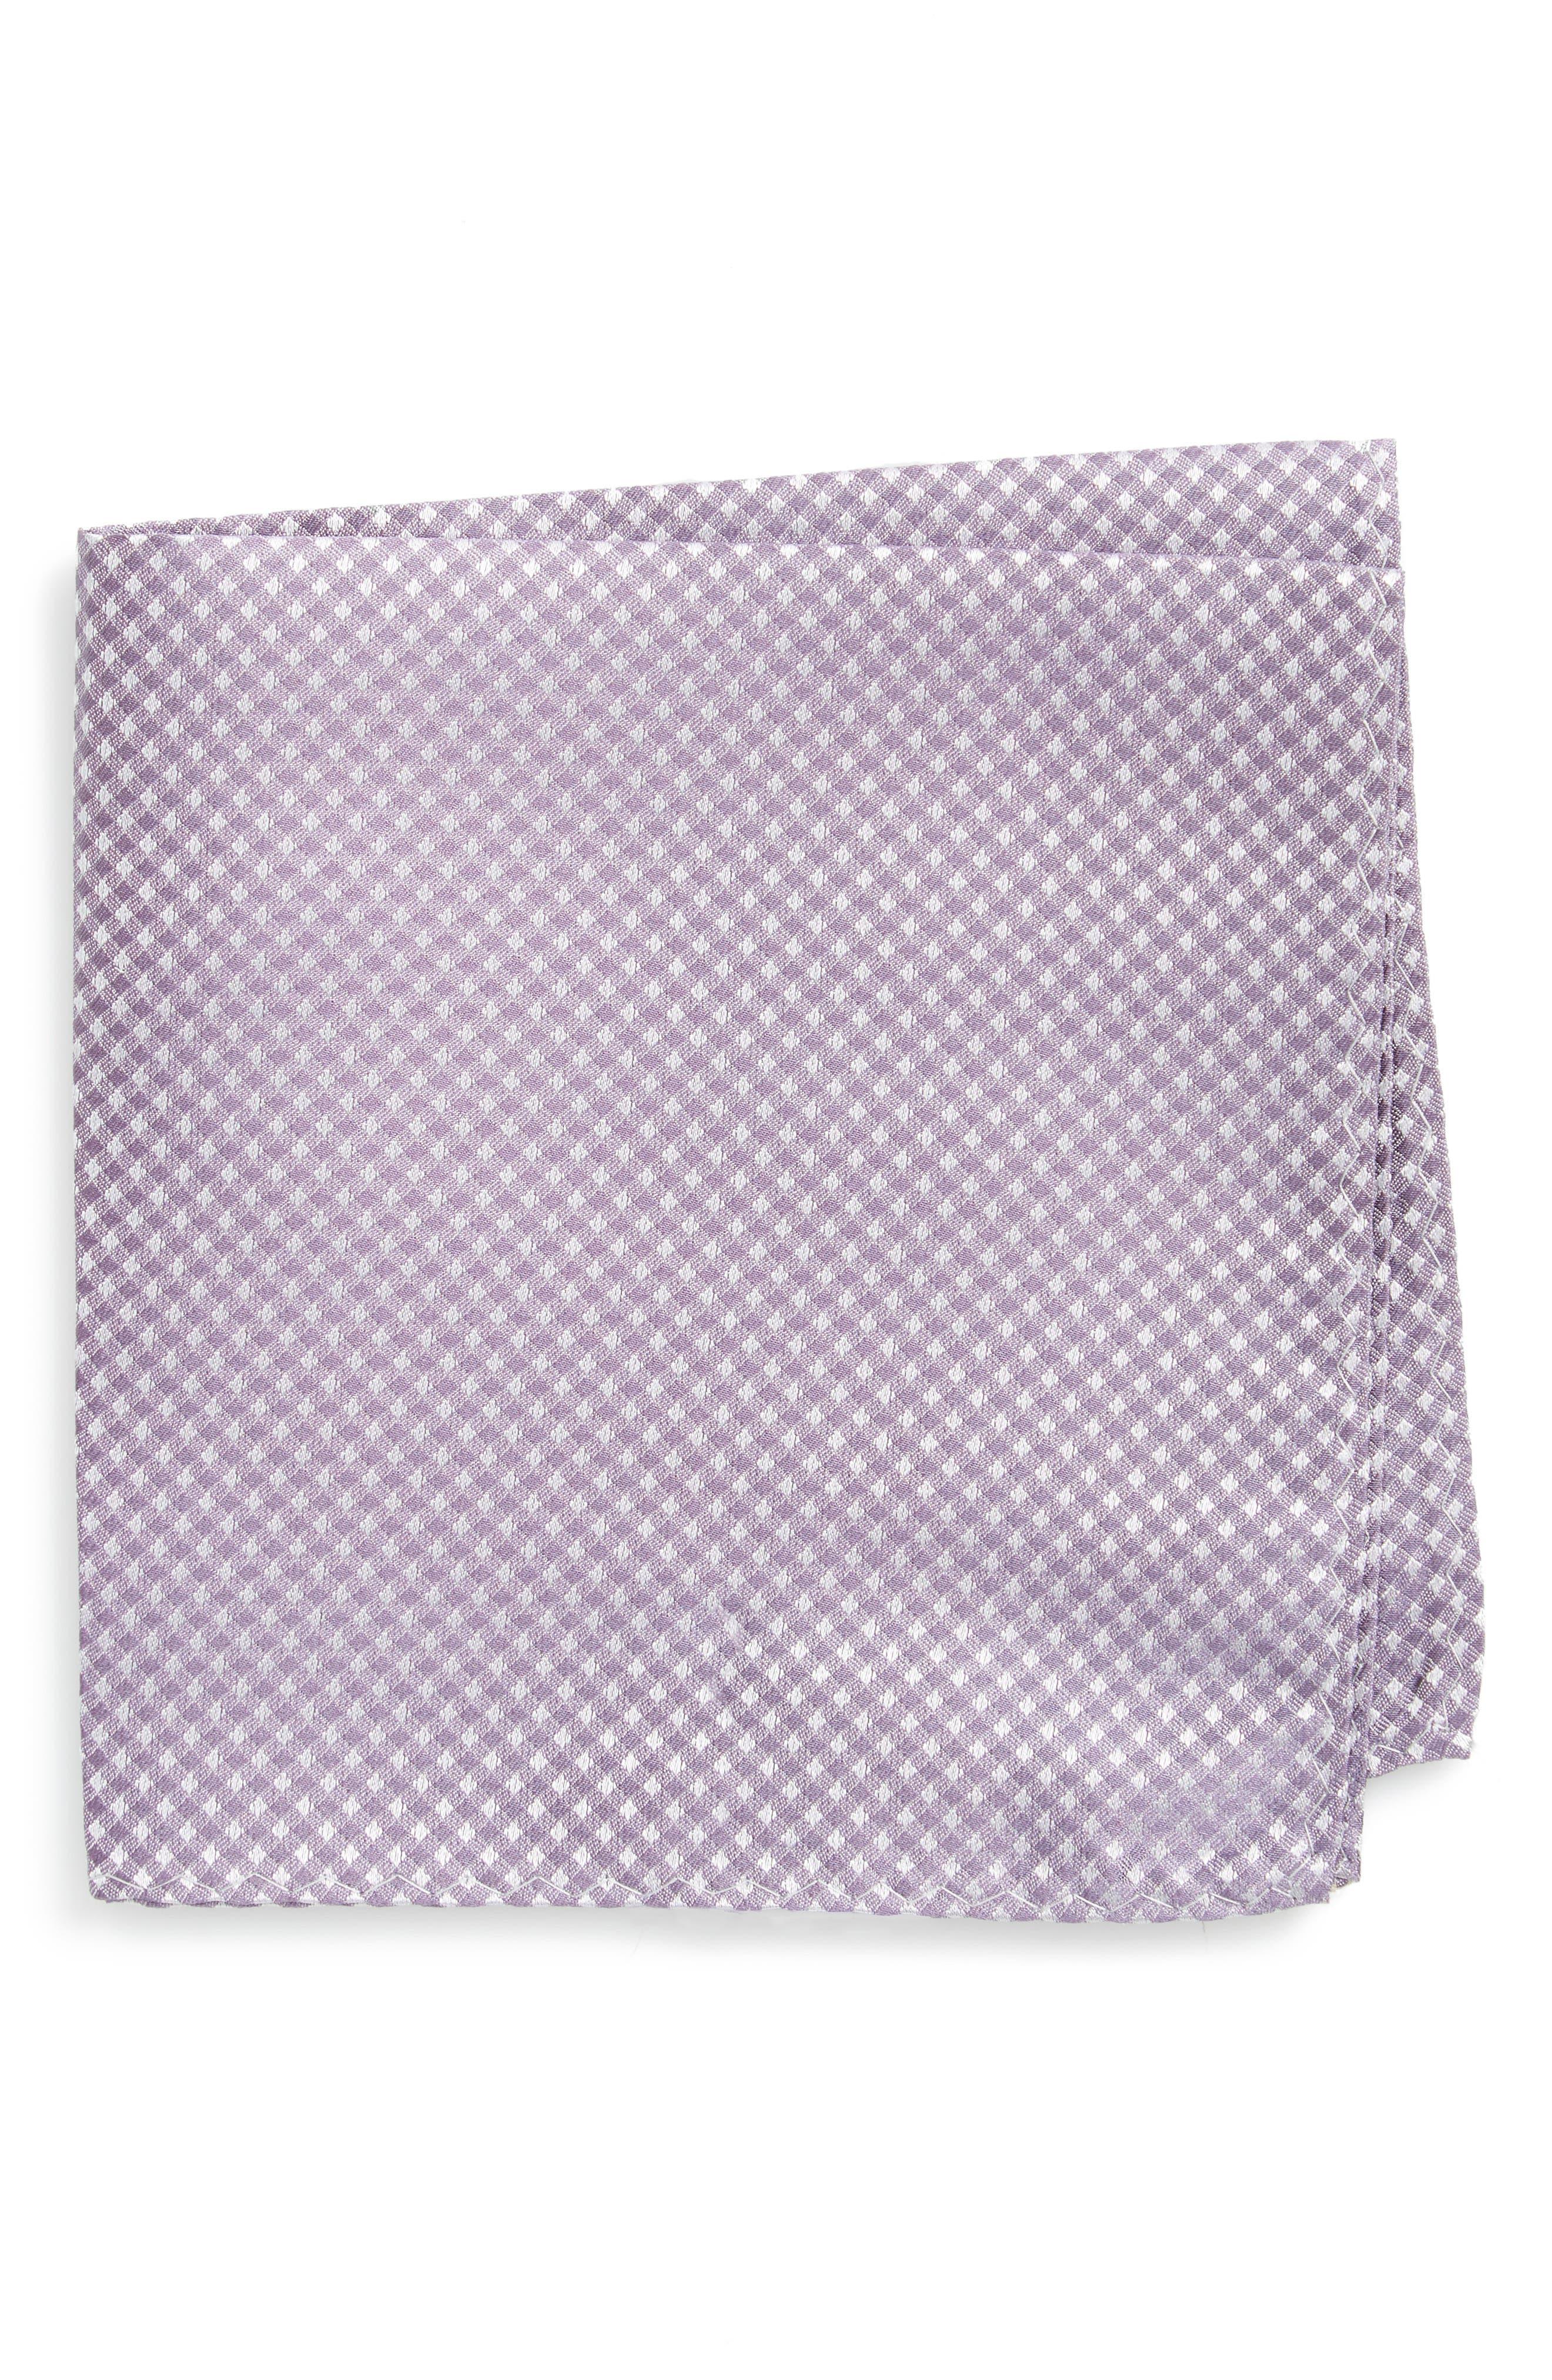 Check Silk Pocket Square,                         Main,                         color, Lavender